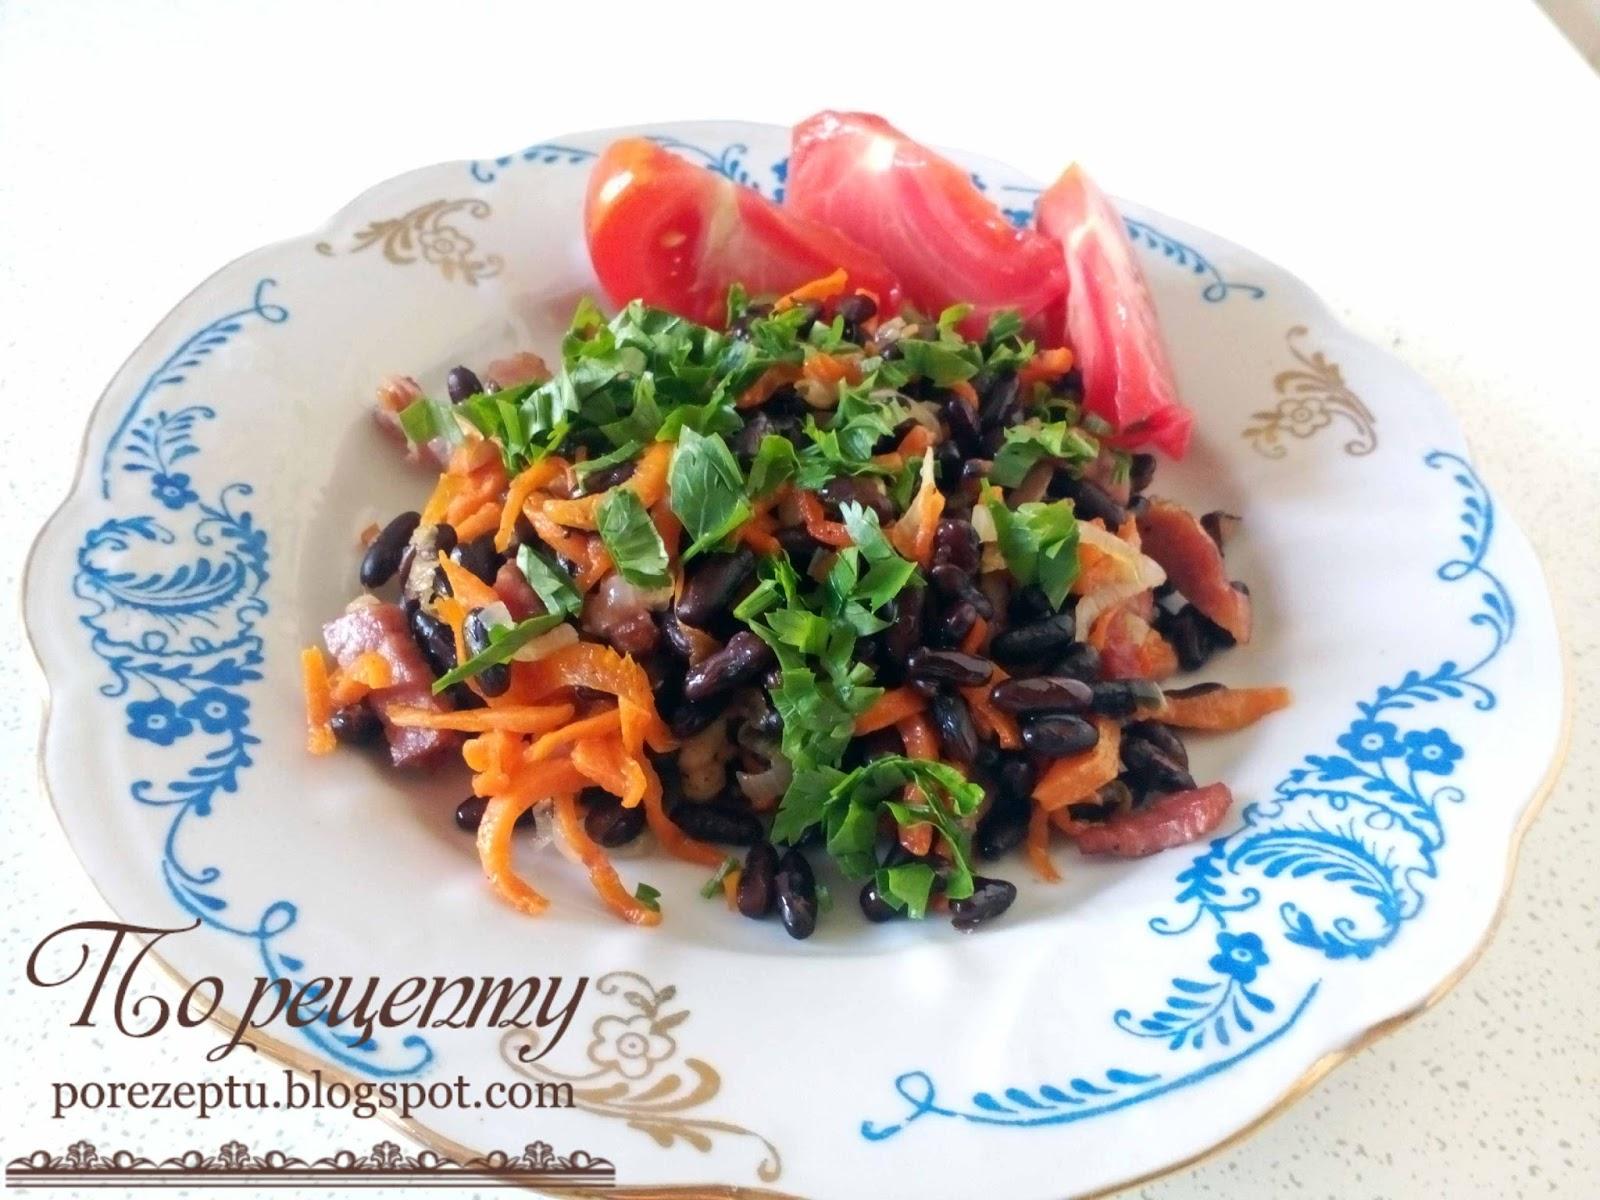 Фото салата с говядиной и фасолью